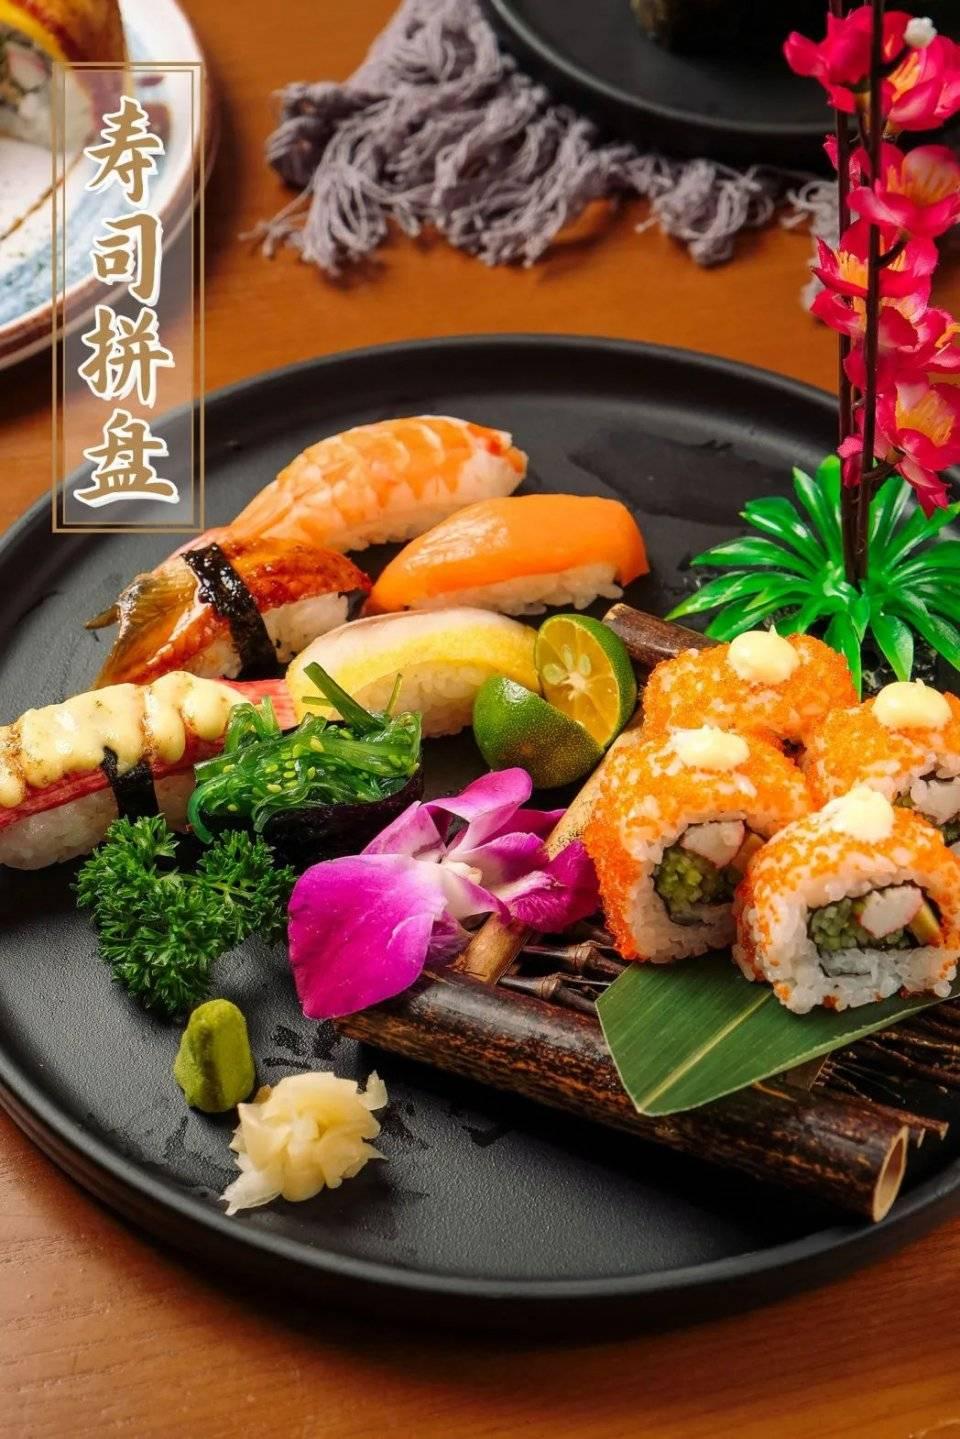 浓到黏唇的汤底,80+款日式小吃,在东方新天地 增肌食谱 第30张